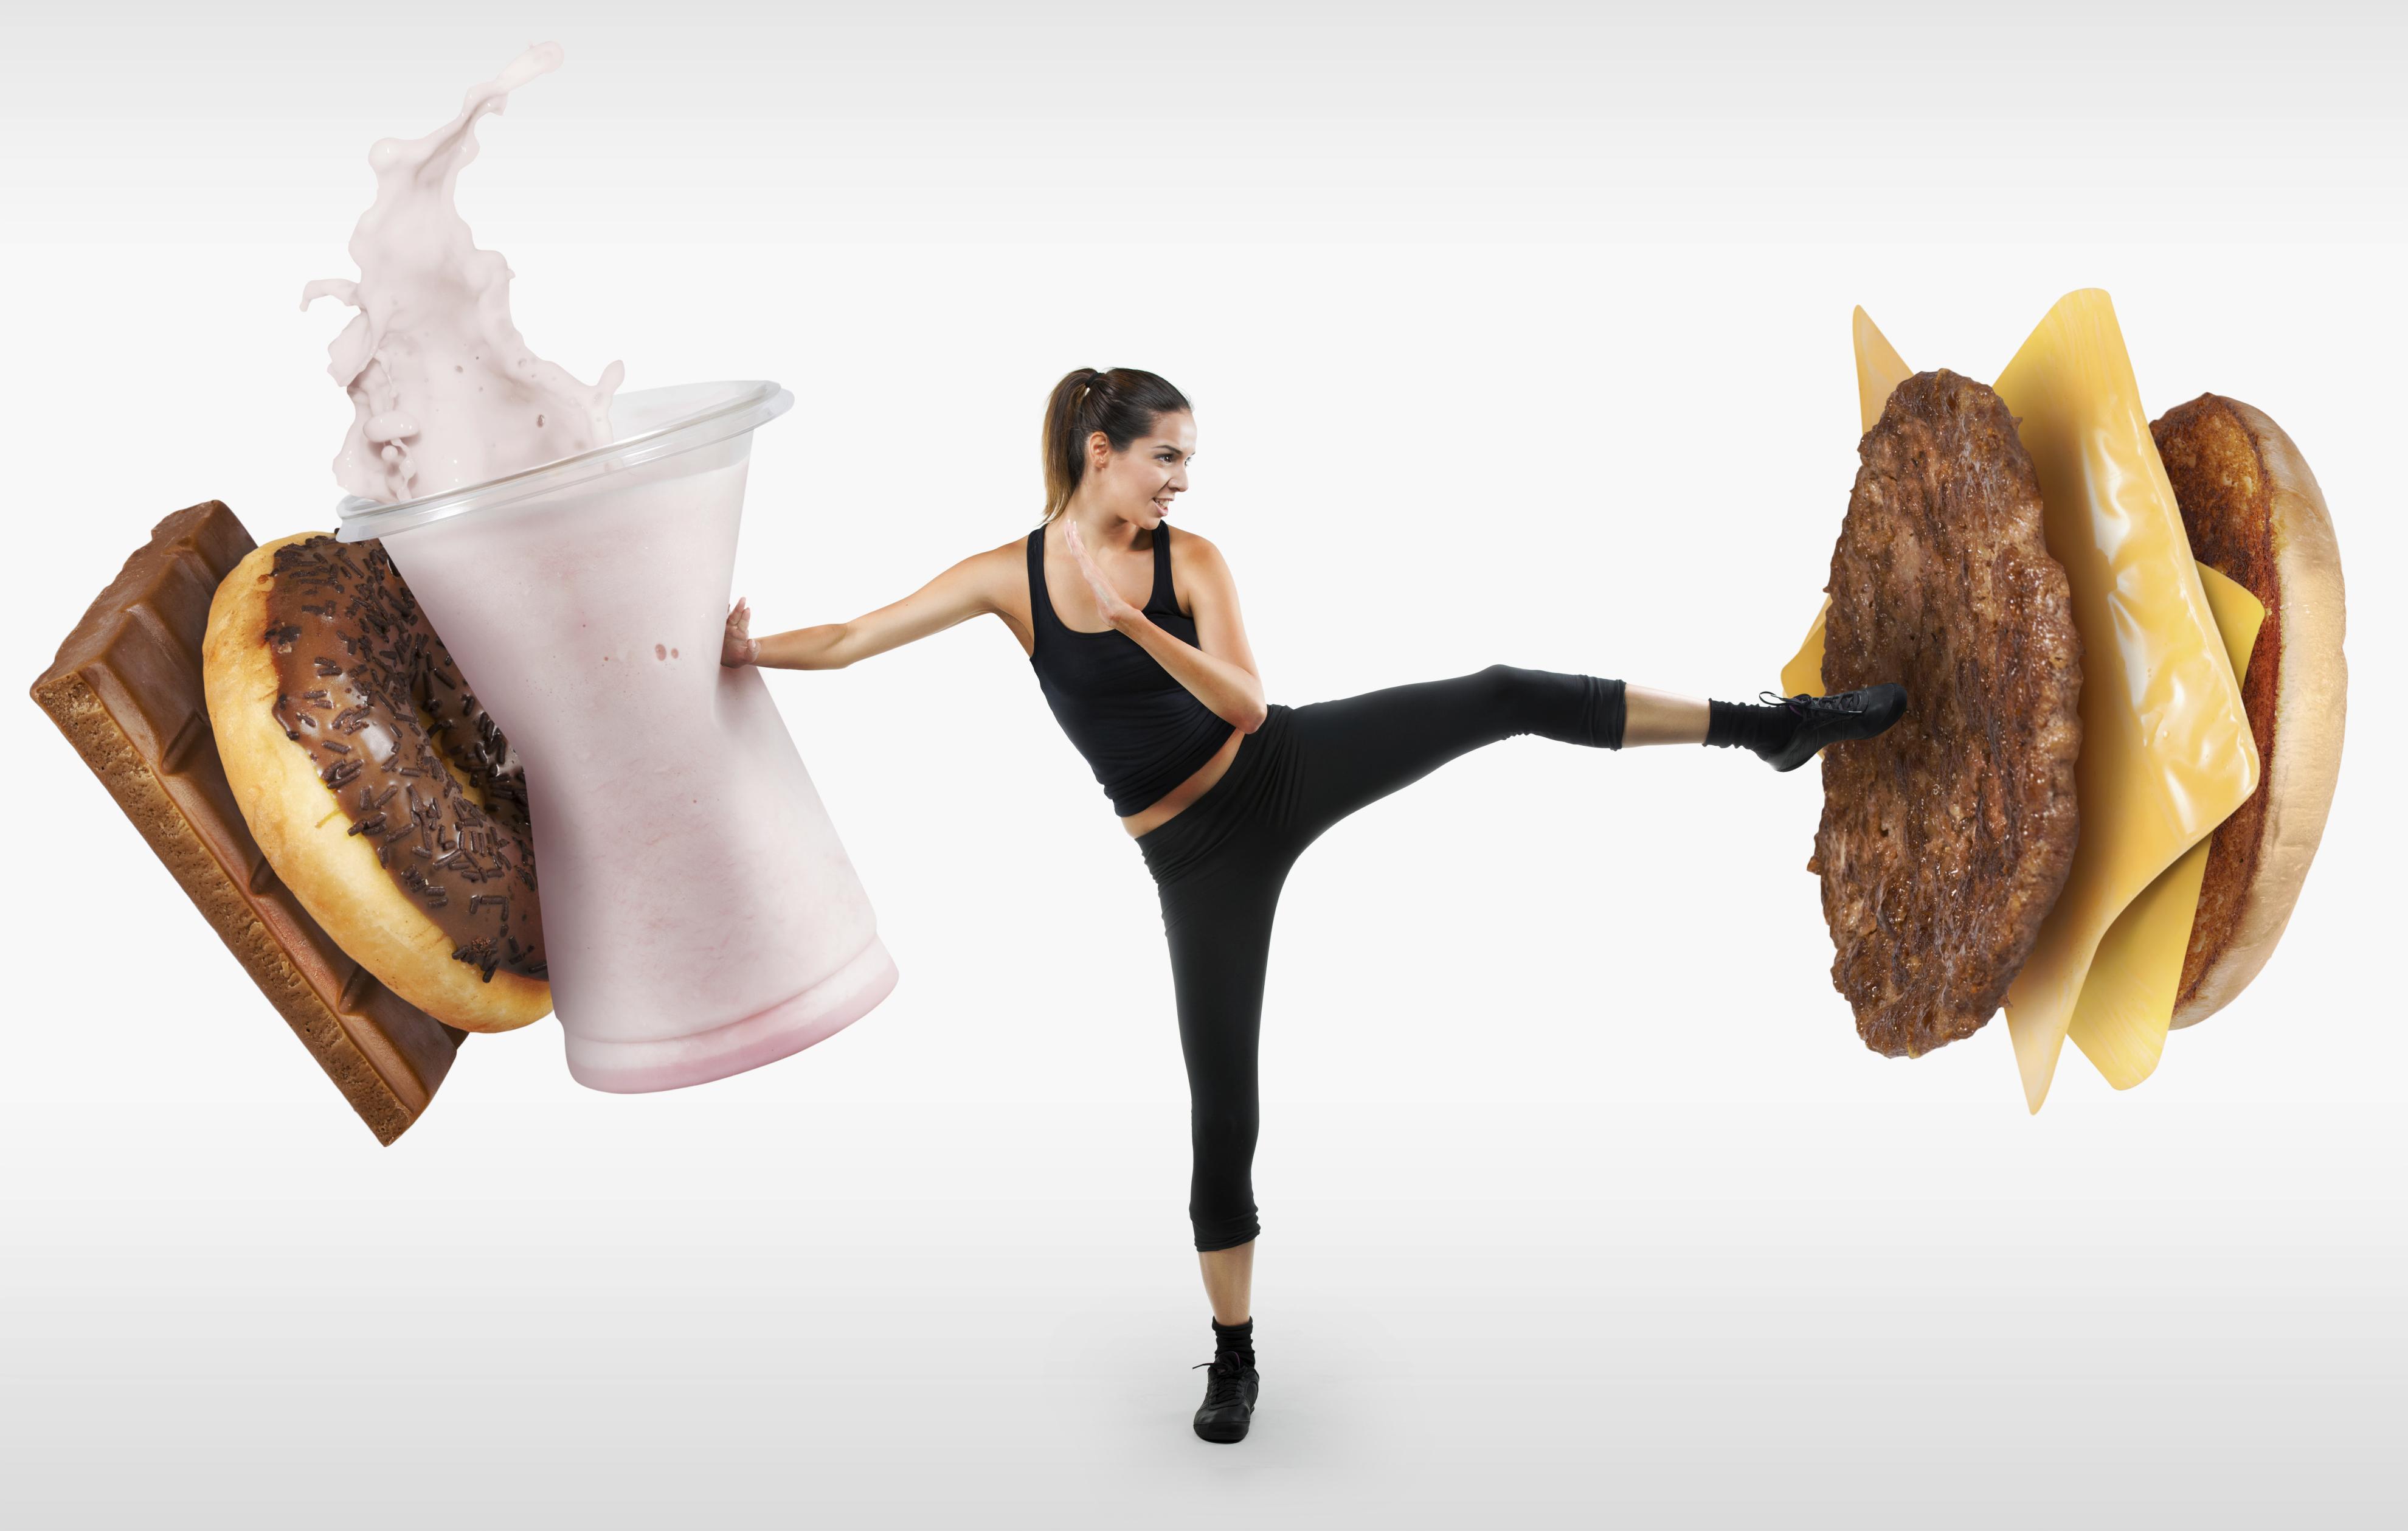 Наесться, чтобы похудеть